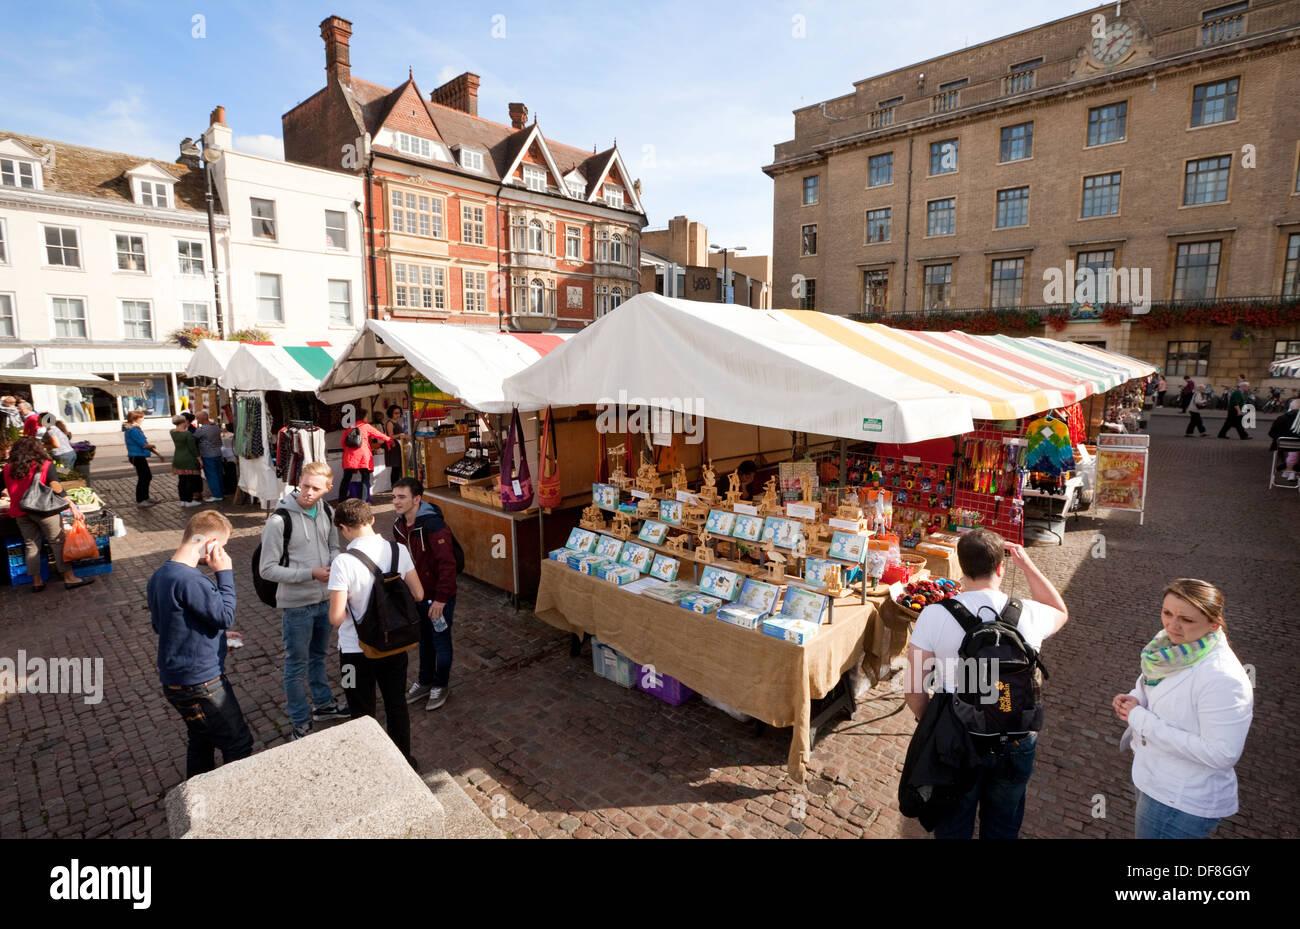 Cambridge market, the market square, Cambridge England UK - Stock Image